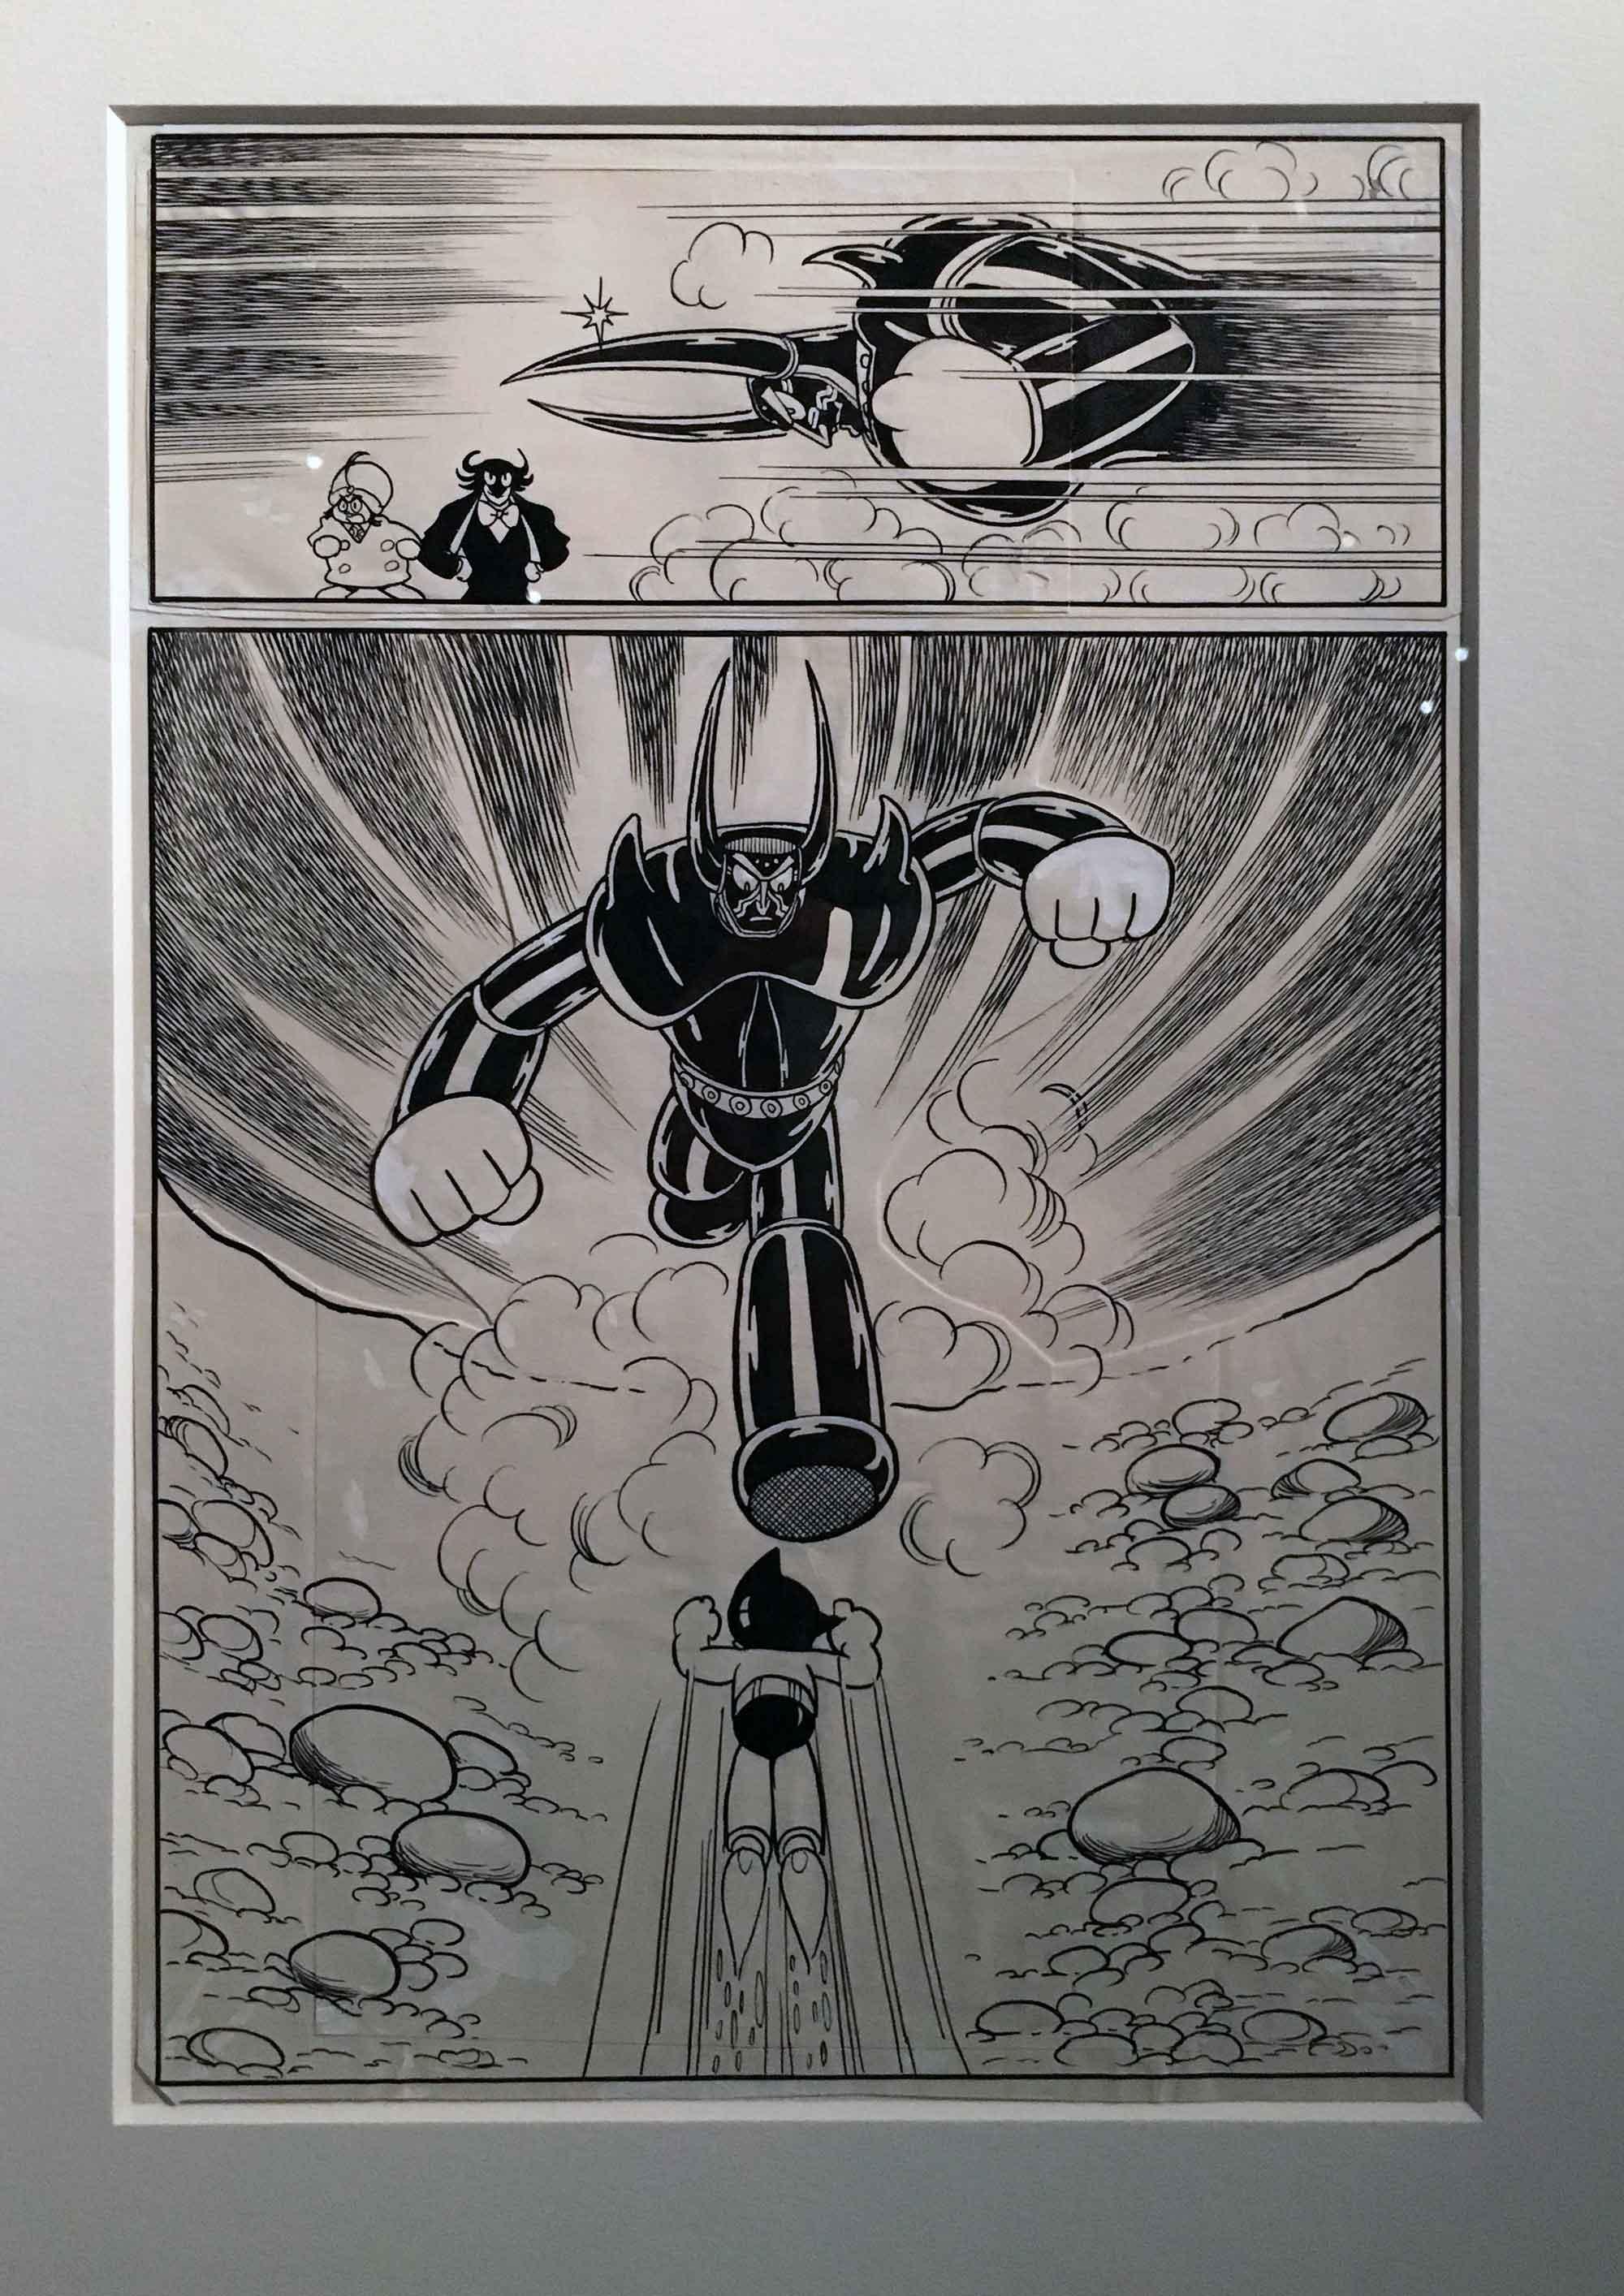 Le lien entre l'exposition de Tezuka et celle de Naoki Urasawa s'est fait par le biais de deux planches montrant un extrait de l'épisode «Le robot le plus fort du monde» qui a inspiré Urasawa pour sa série «Pluto». Un bel hommage avec ces documents rare qui relie les deux hommes au sein d'un même festival.